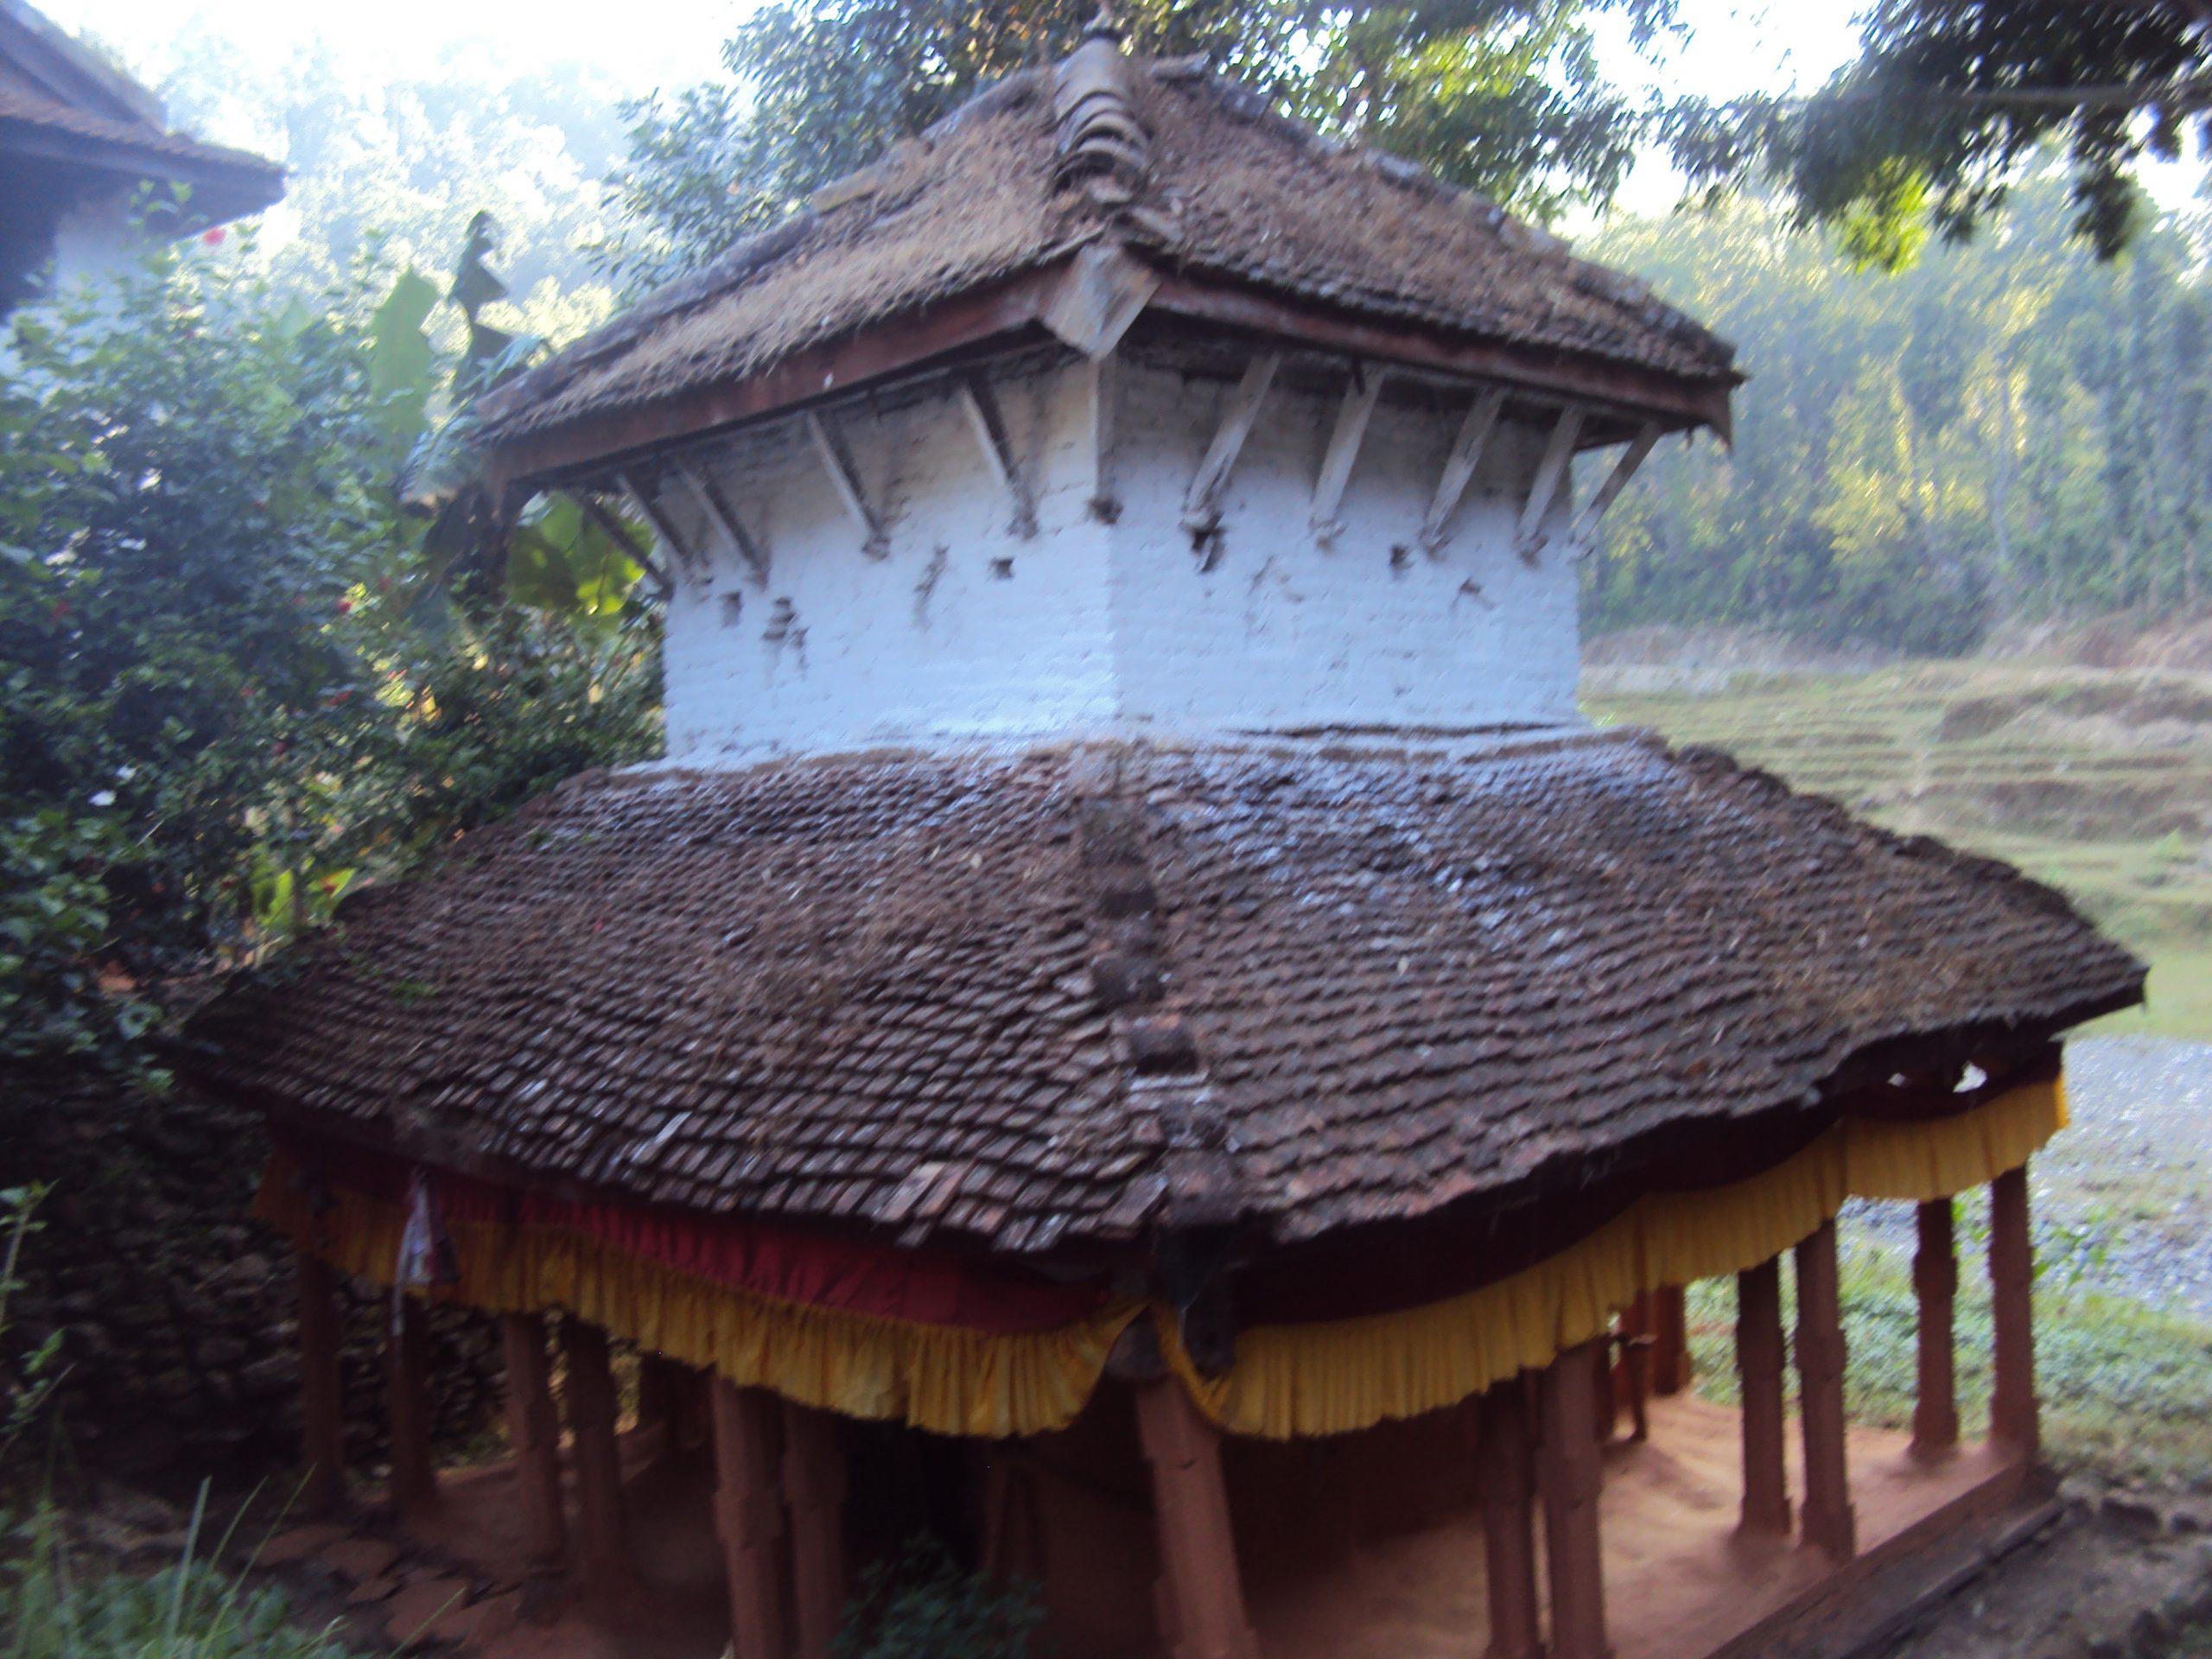 ज्वाला बलिरहने नाभिस्थान मन्दिर पुन: निर्माण